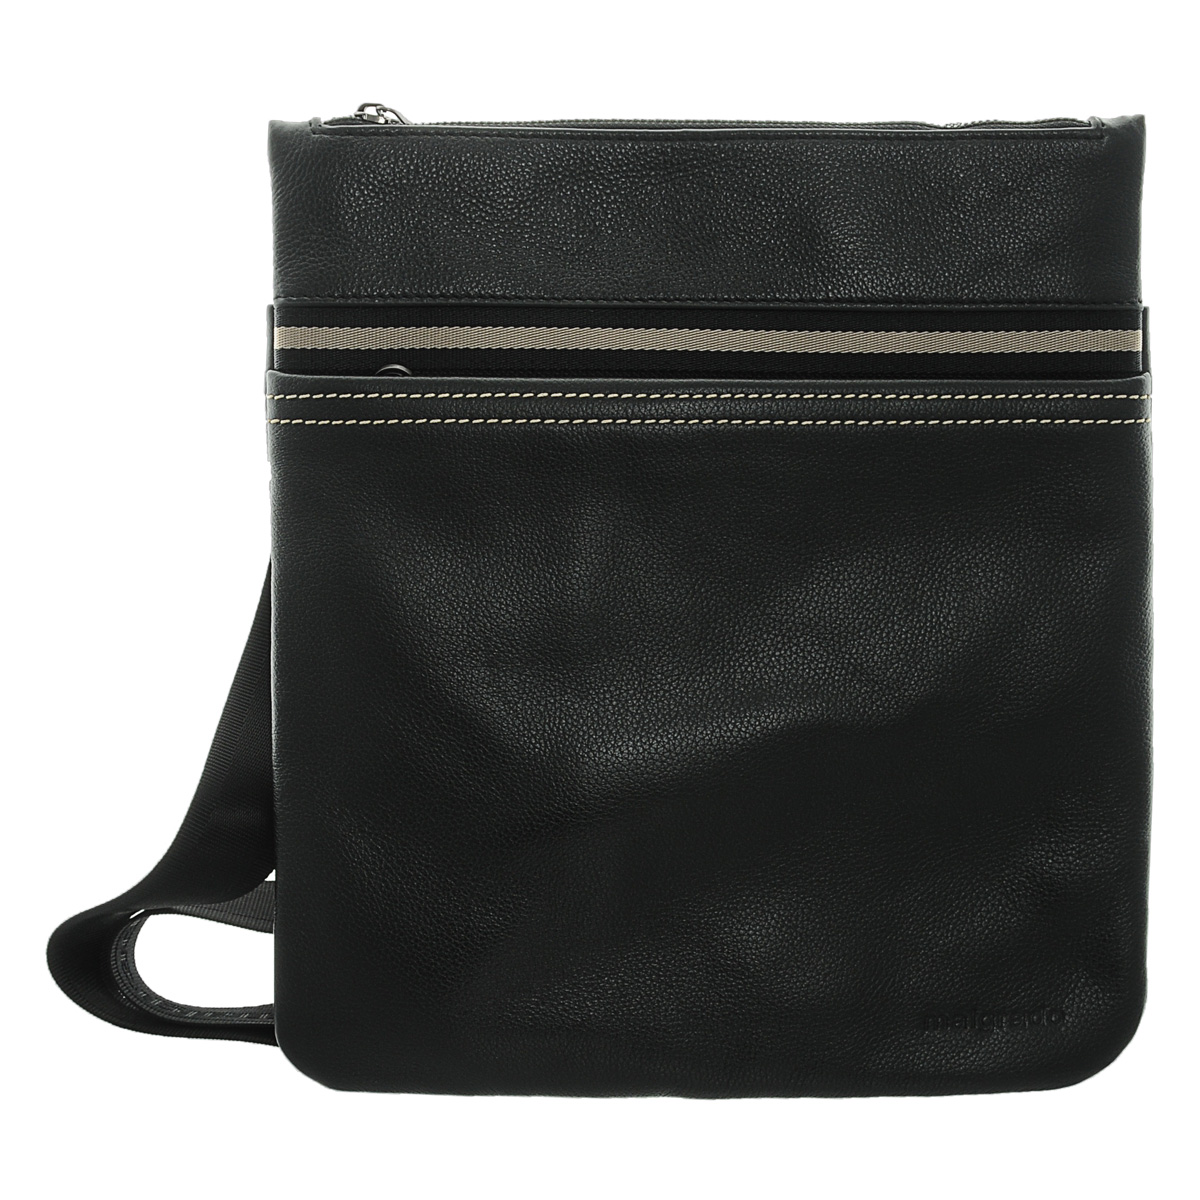 Сумка мужская Malgrado, цвет: черный. BR09-304A2669101225Мужская сумка Malgrado, выполнена из натуральной кожи, оформлена контрастной строчкой. Основное отделение закрывается железной молнией, в основном отделе кожаные кармашки для ручек и мобильного телефона и карман на молнии. Спереди удобный карман, закрывающийся на пластмассовую молнию, сзади карман на магнитной кнопке. Модель снабжена плечевым ремнем. Характеристики:Материал: натуральная кожа, текстиль, металл. Размер сумки: 33 см х 29 см х 3 см. Длина ремня: 35 см. Цвет: черный. Артикул: BR09-304A2669.